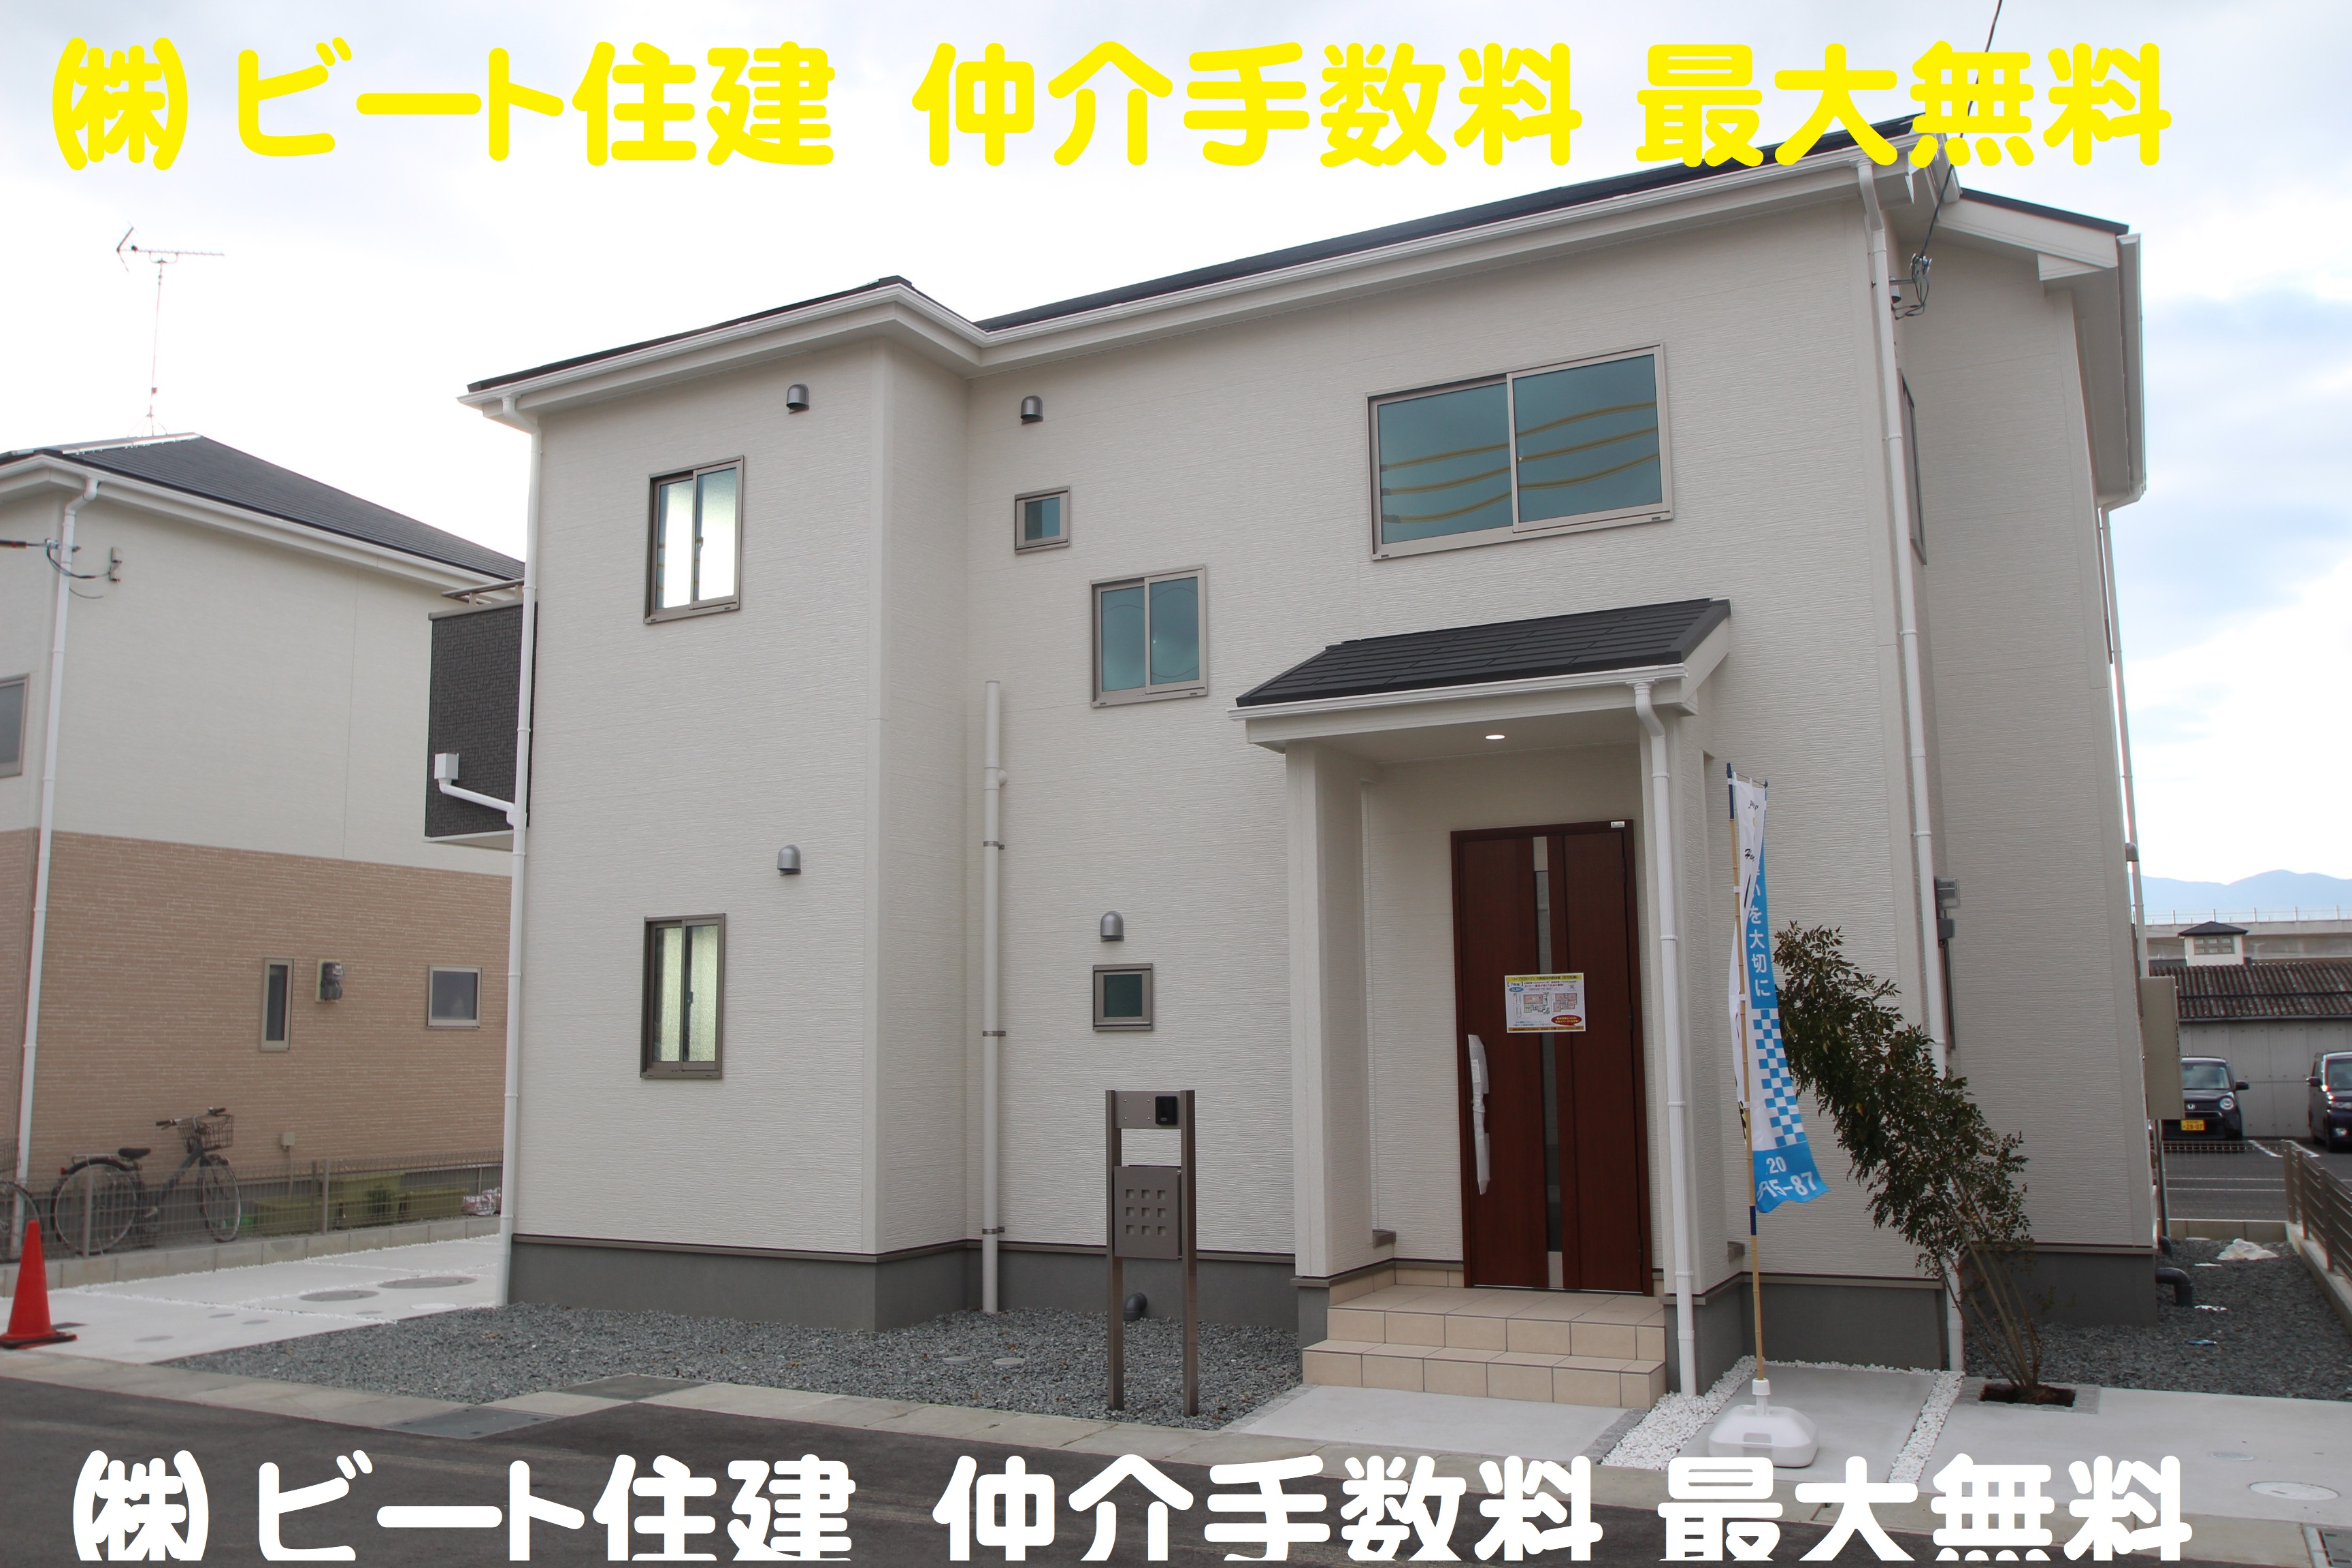 奈良県 大和高田市 新築一戸建て 住宅 販売価格等の 大幅値引き 交渉なども 限界まで 一生懸命に 頑張ります!(外観)